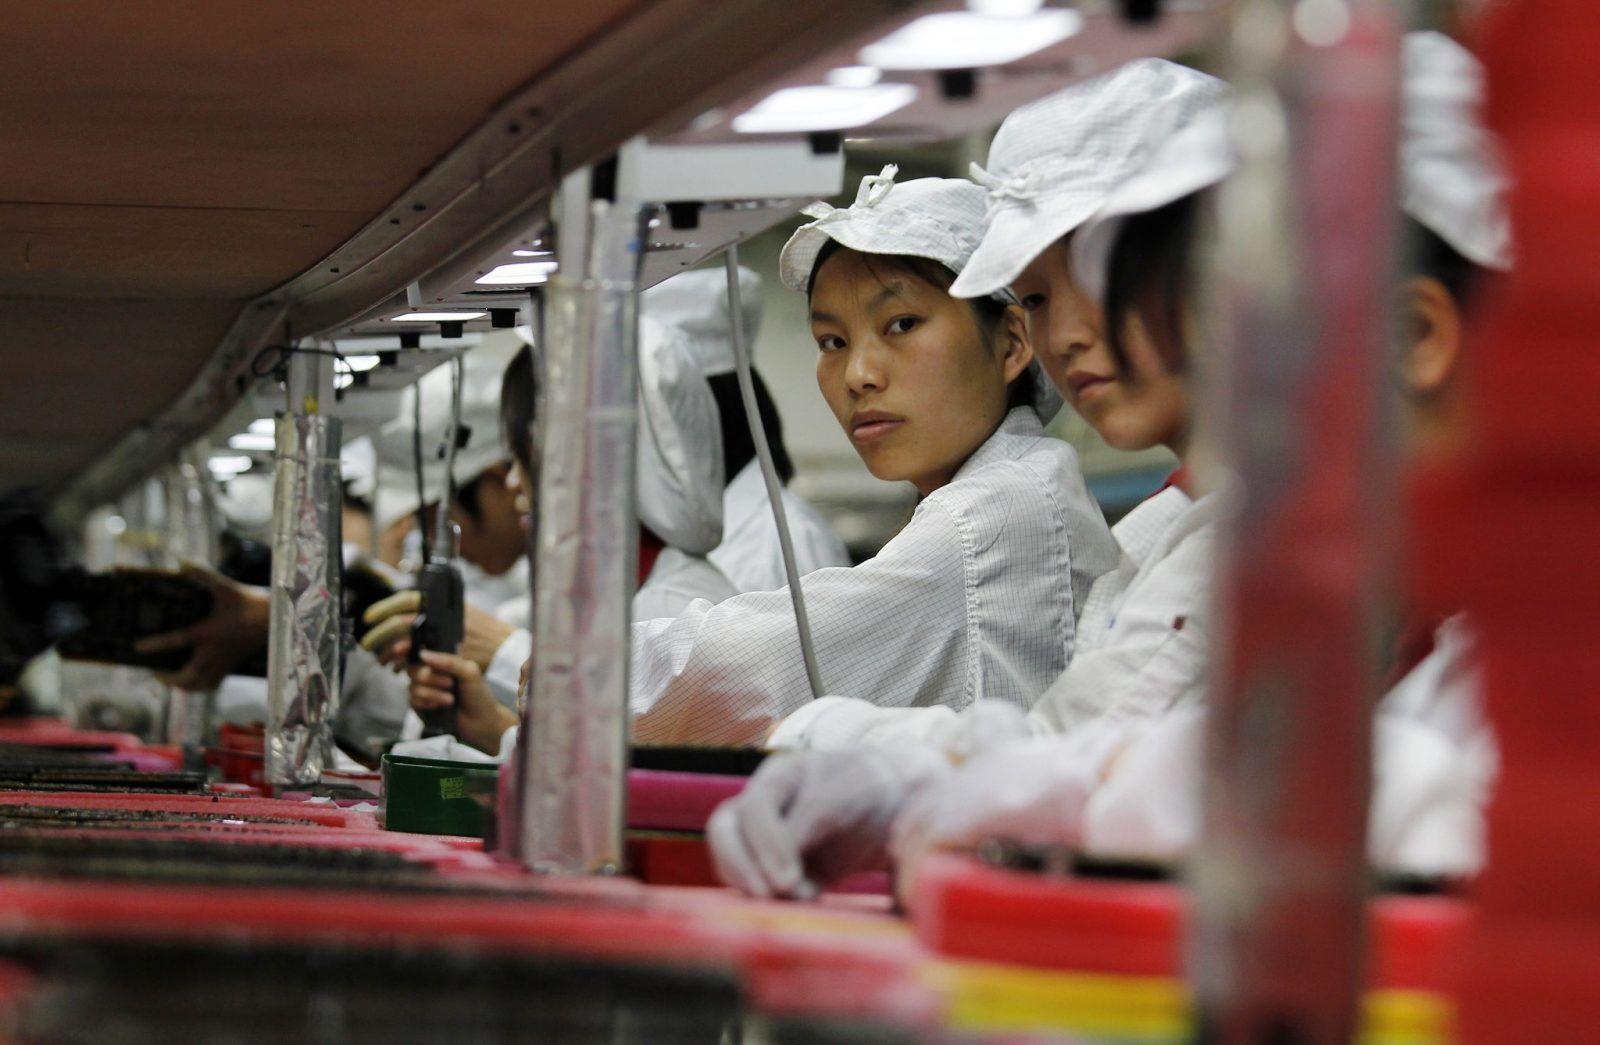 Petycje dotyczące poprawy jakości pracy i wyzyskiwania pracowników przez Apple zostaną złożone już jutro!